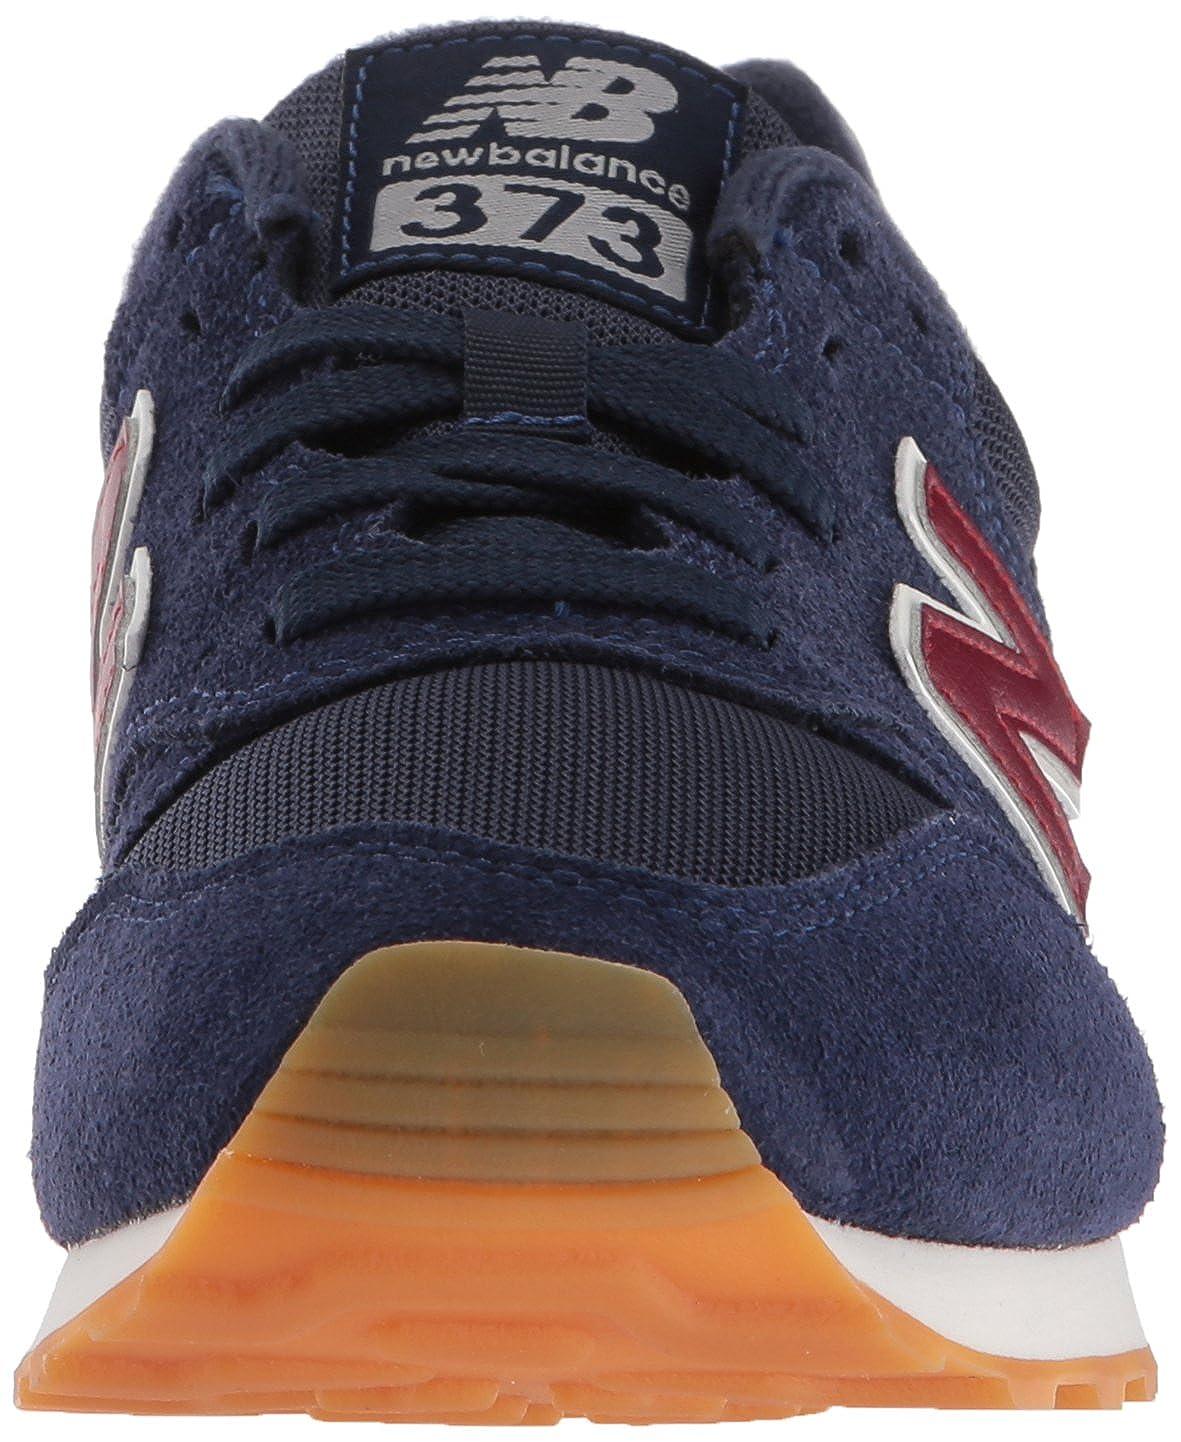 best website 6a9dd 148dd new balance Men's 373 Running Shoes